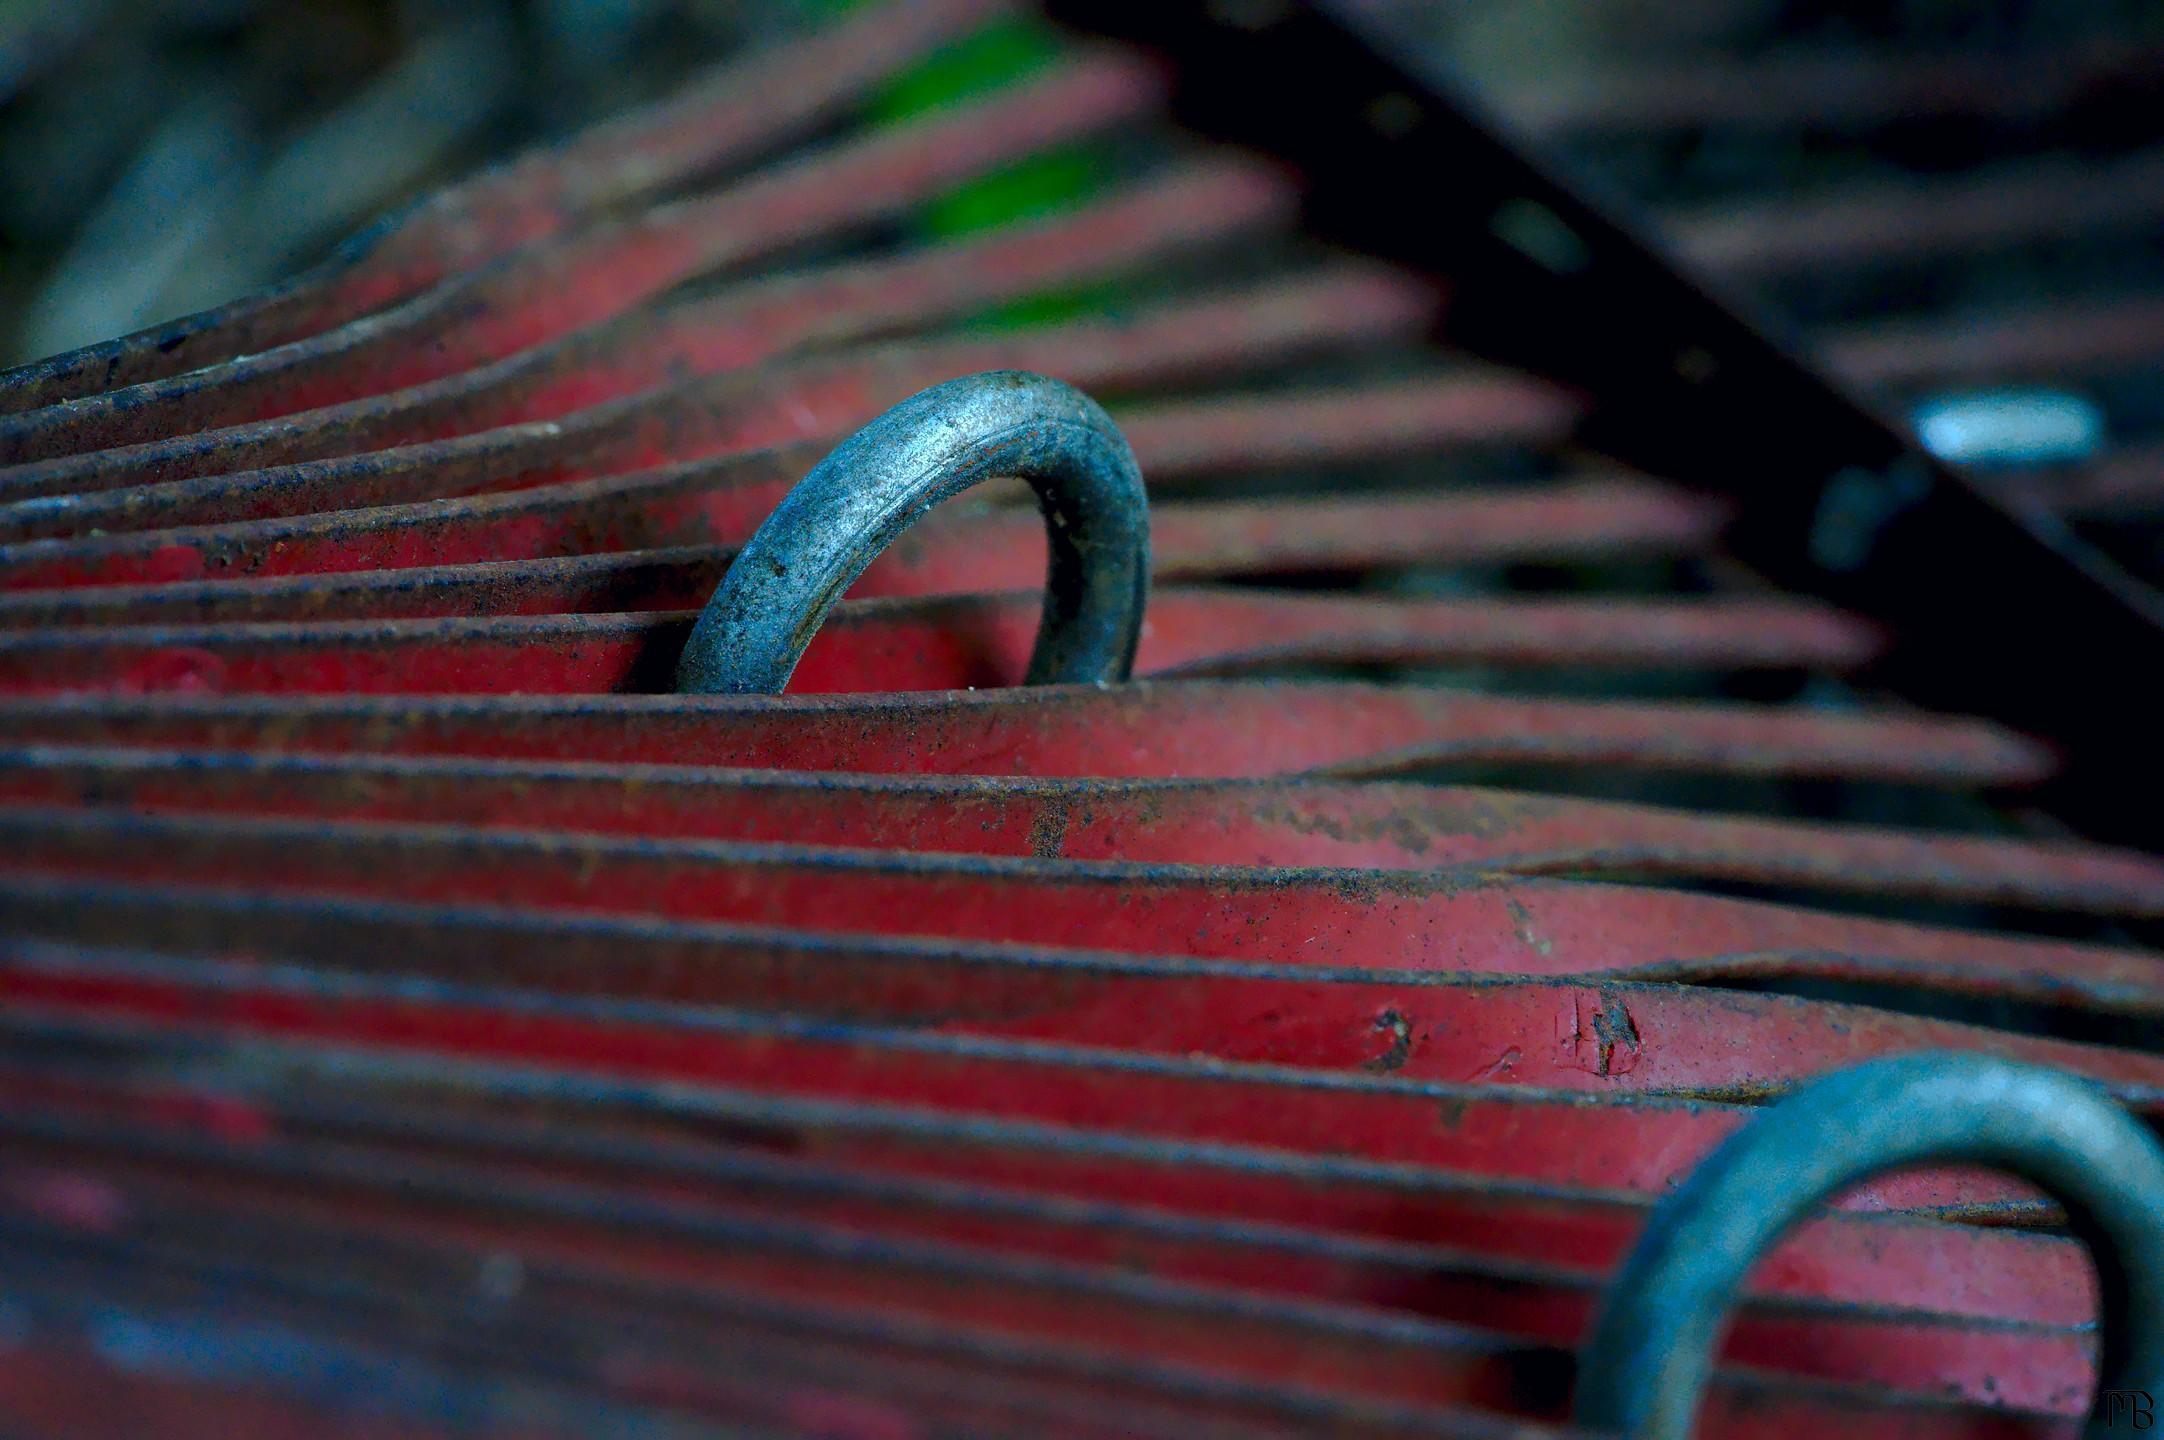 Close-up of rake